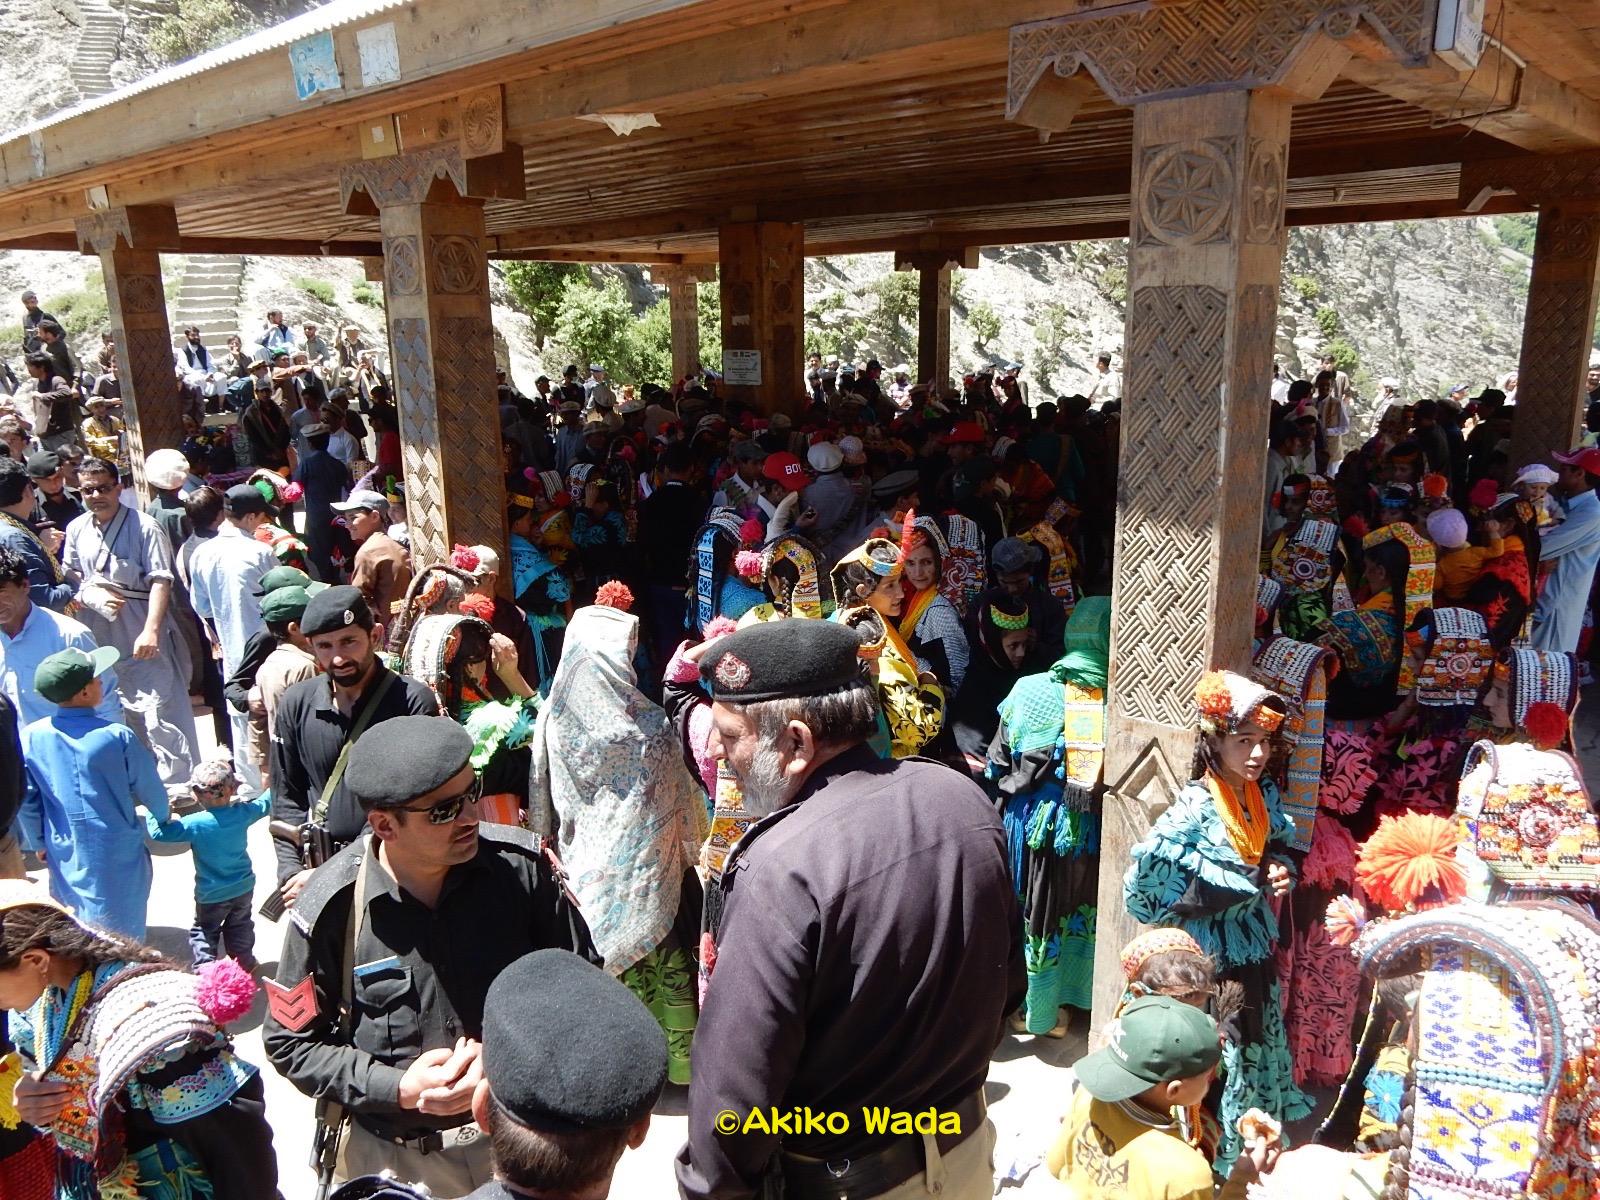 ルンブール谷のグロム村にある踊り場グリウ。